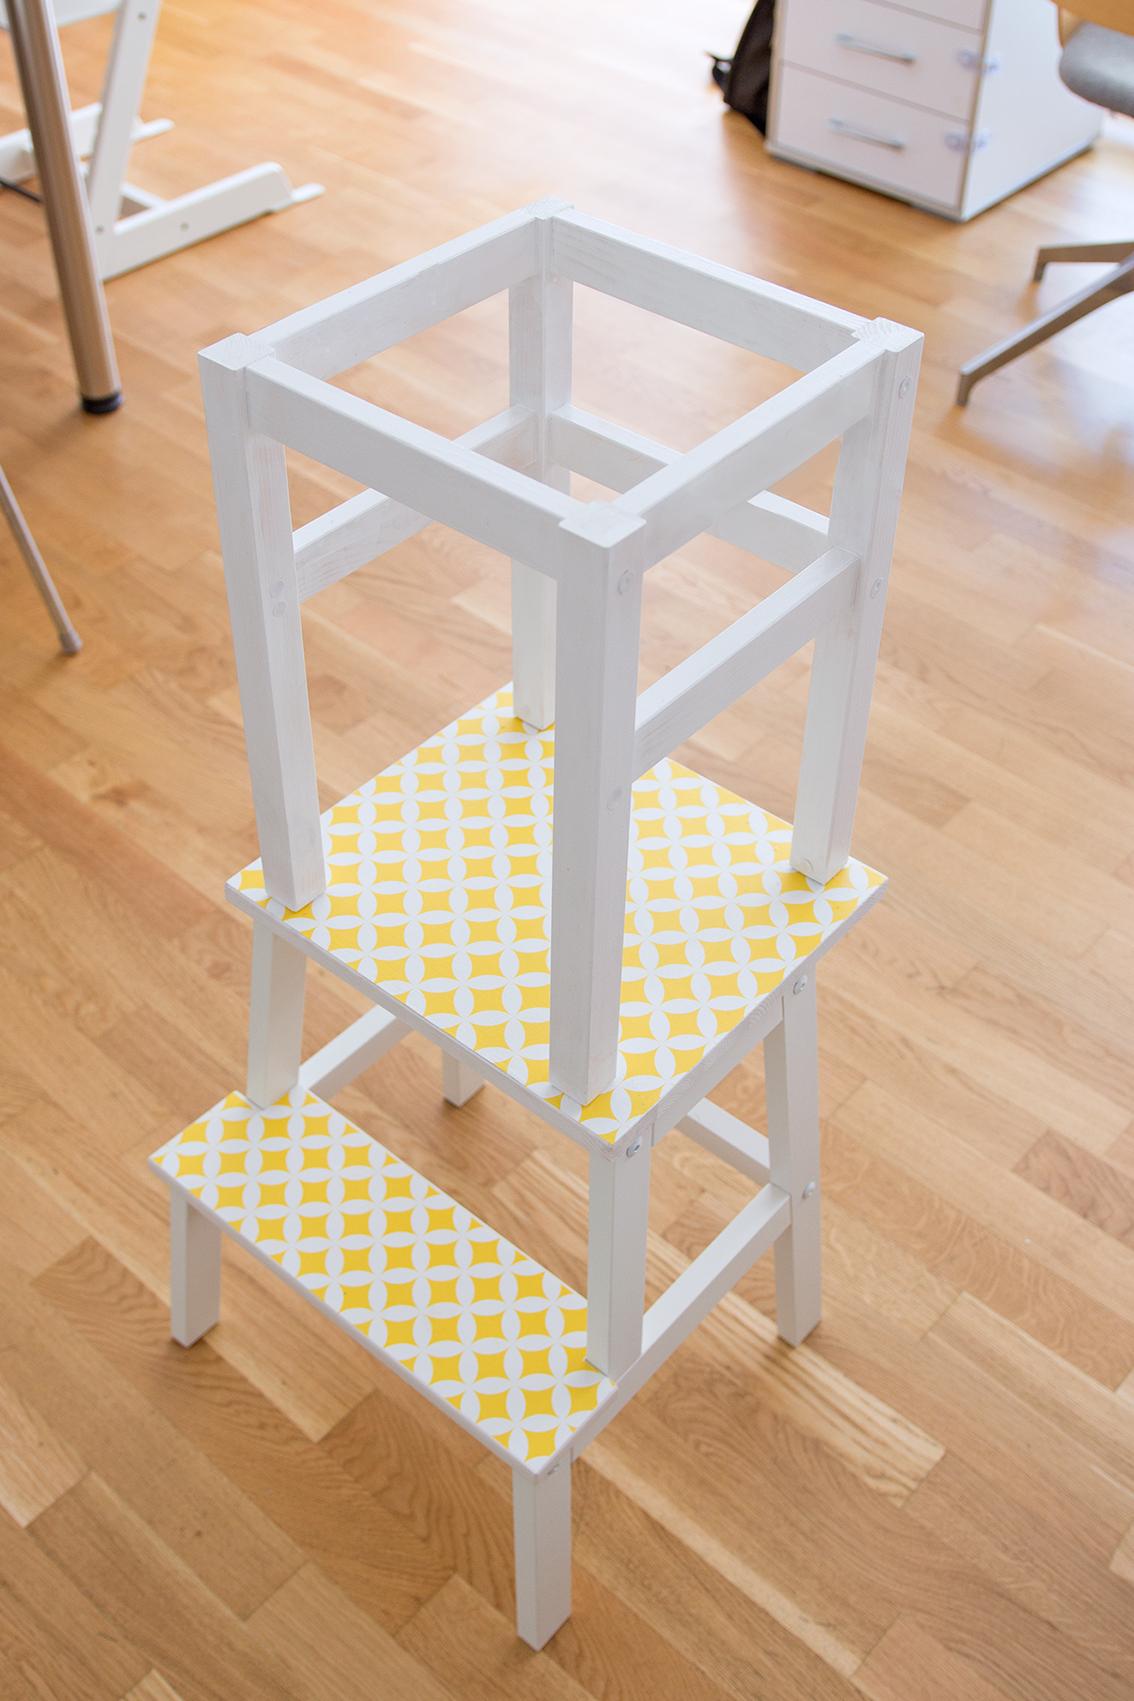 Full Size of Stehhilfe Küche Stehhilfe Küche Kinder Stehhilfe Für Kinder Küche Kinder Stehhilfe Küche Ikea Küche Stehhilfe Küche